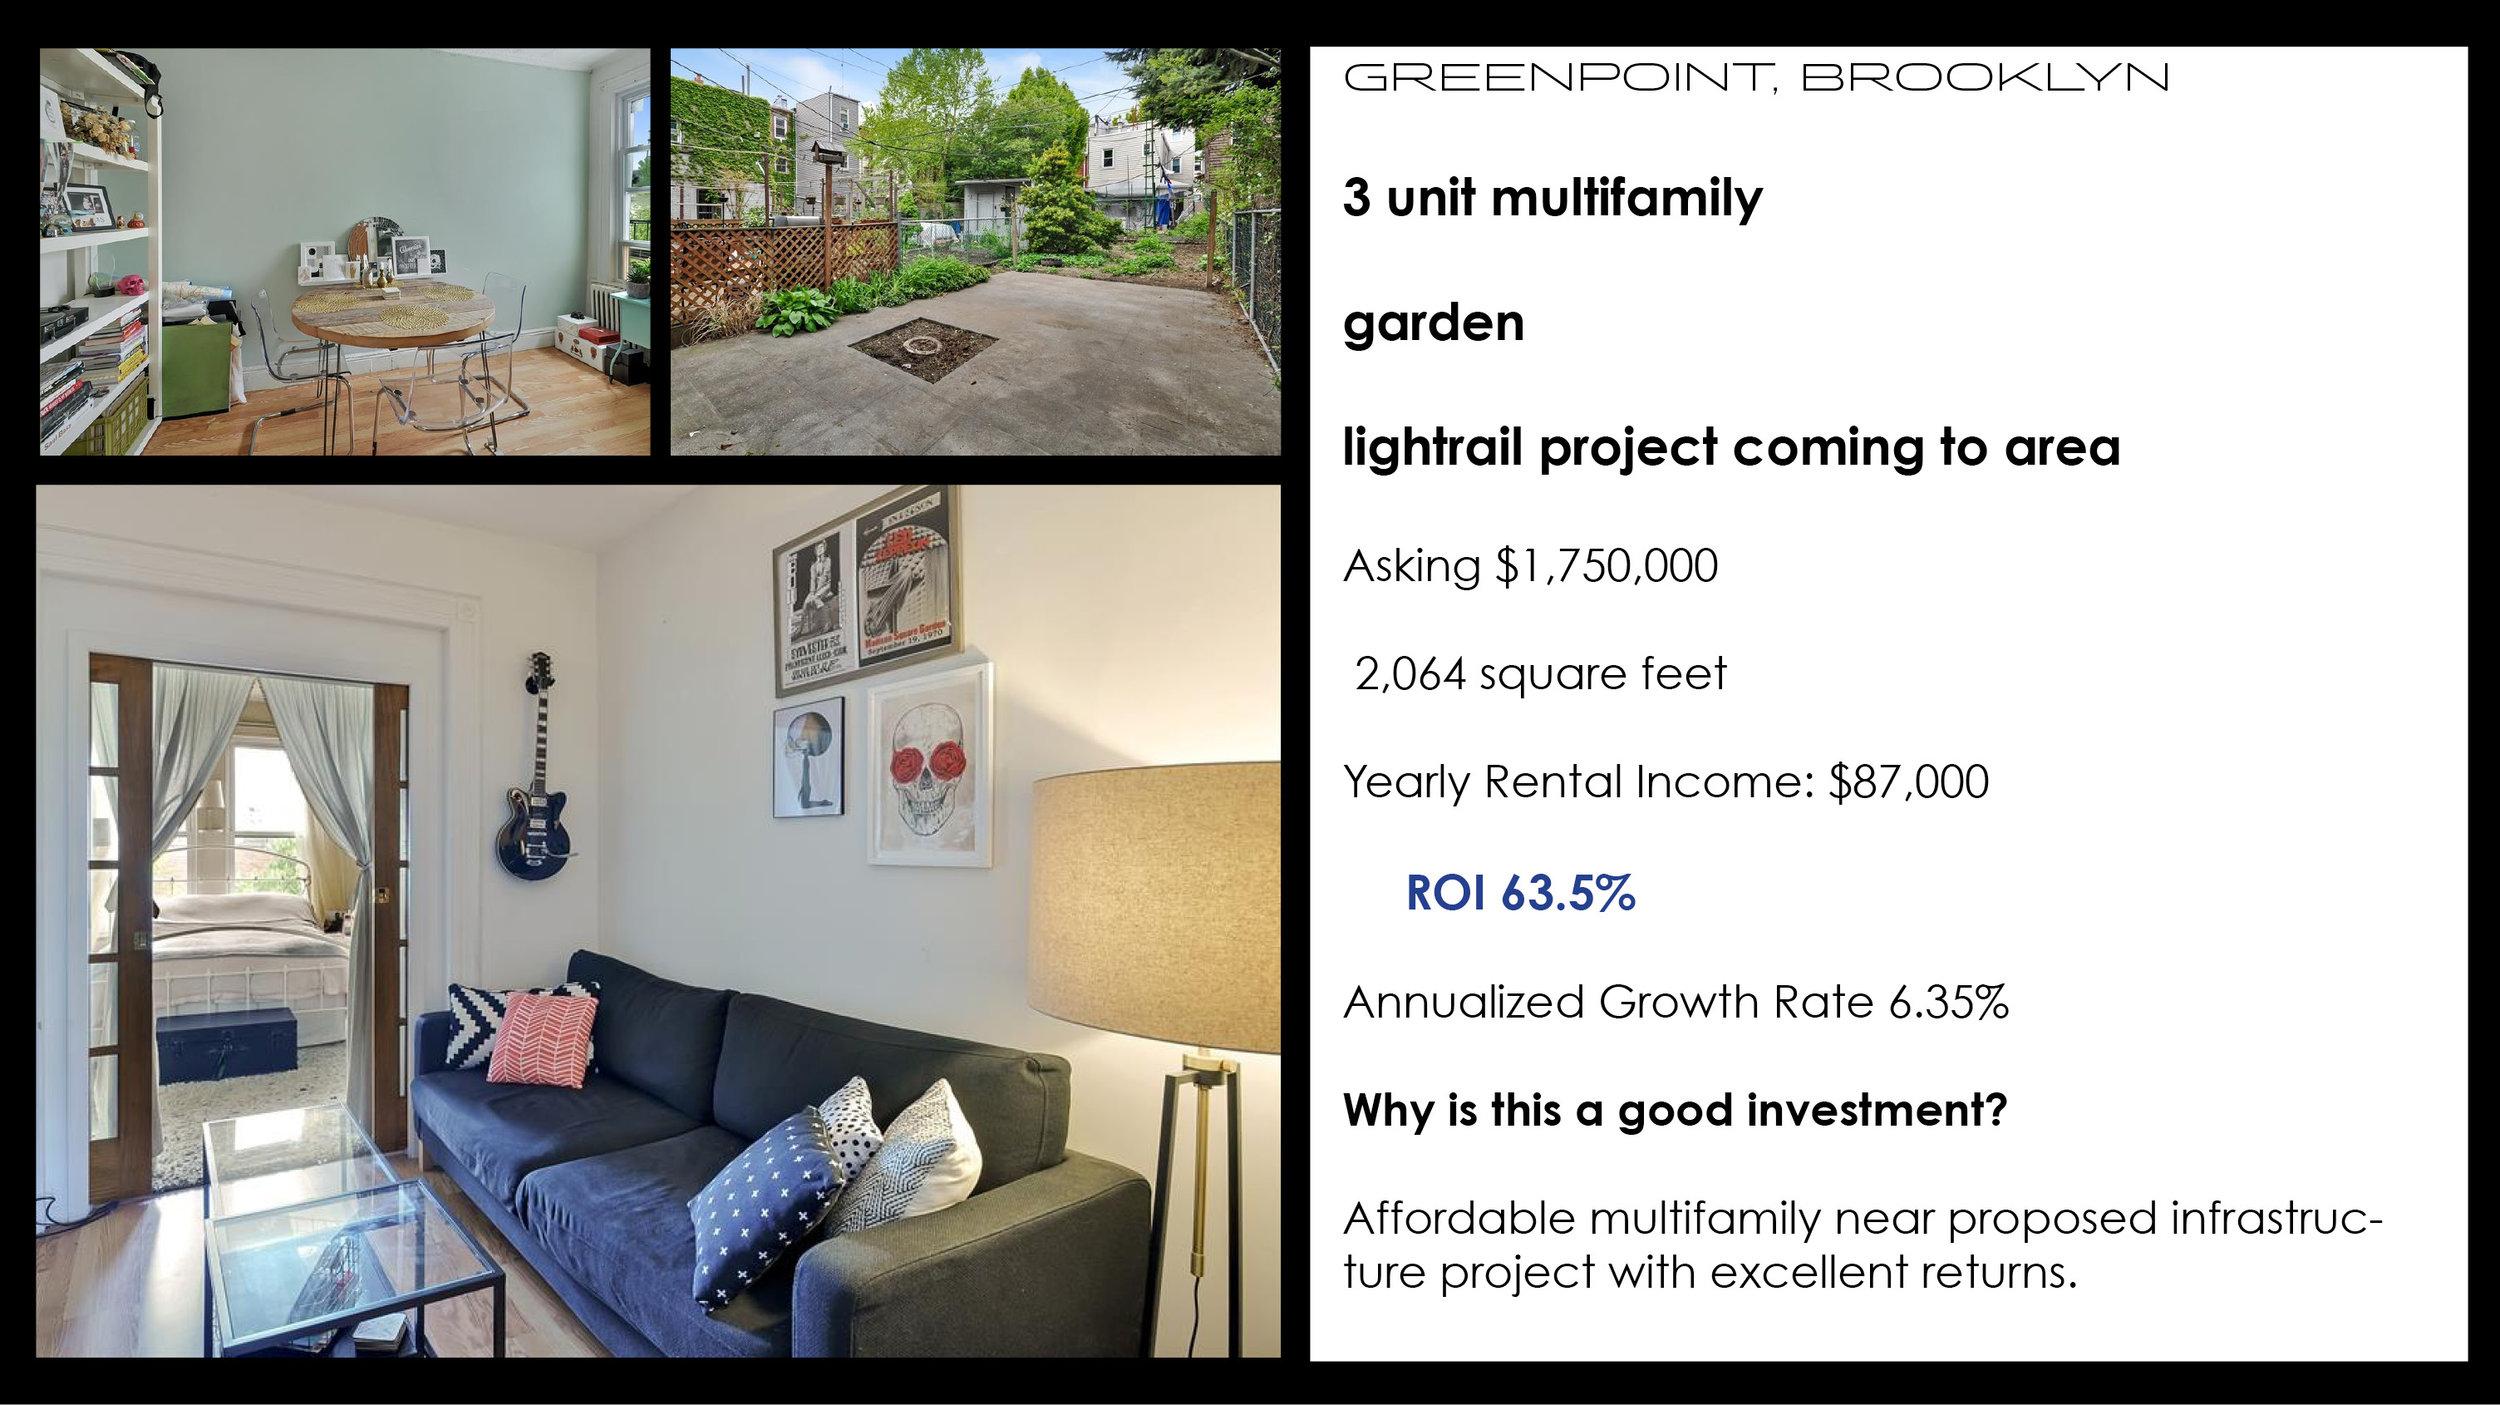 Investment Property Slides11.jpg